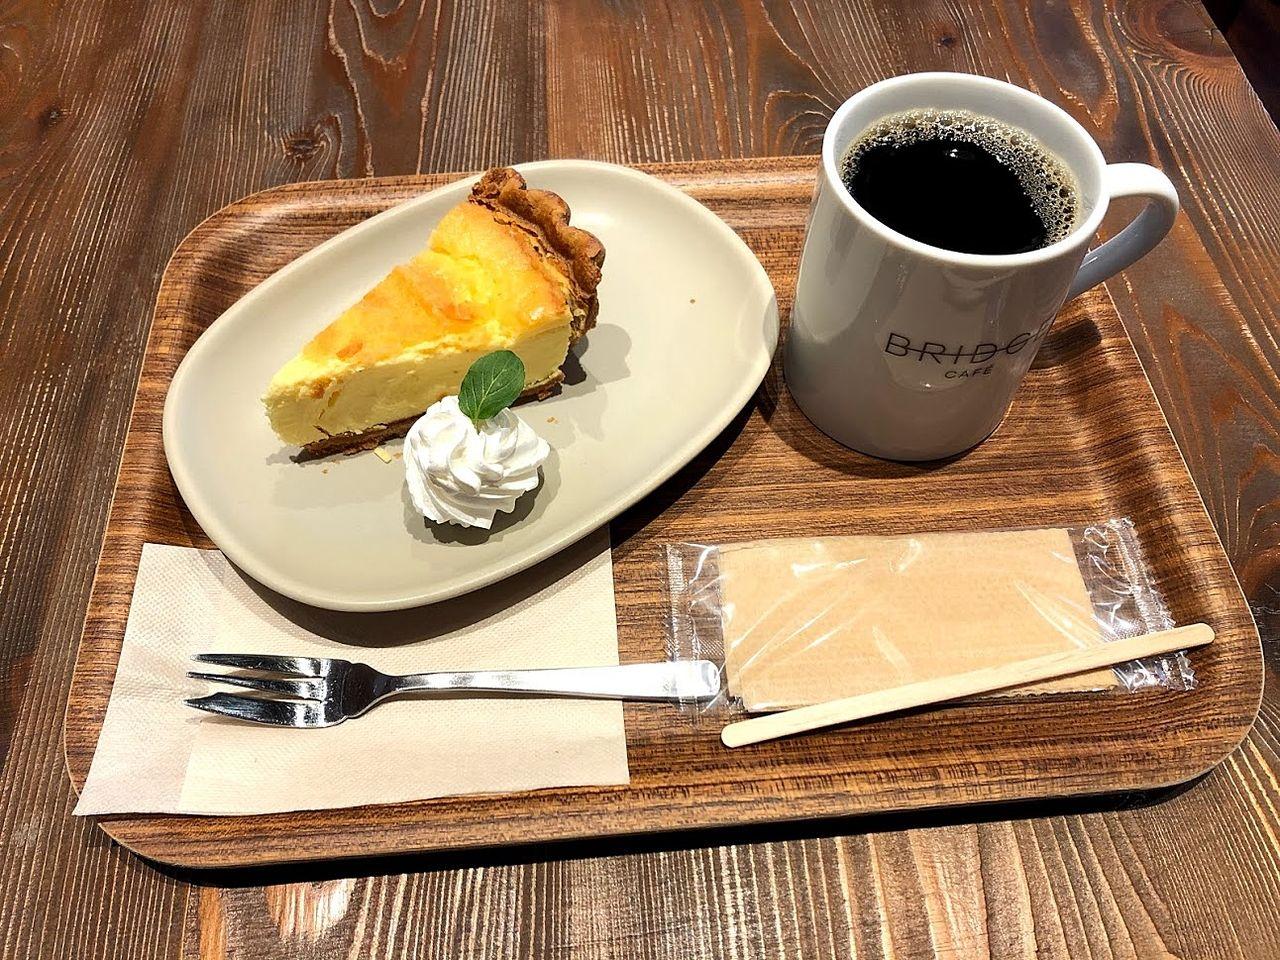 チーズケーキとブレンドコーヒー